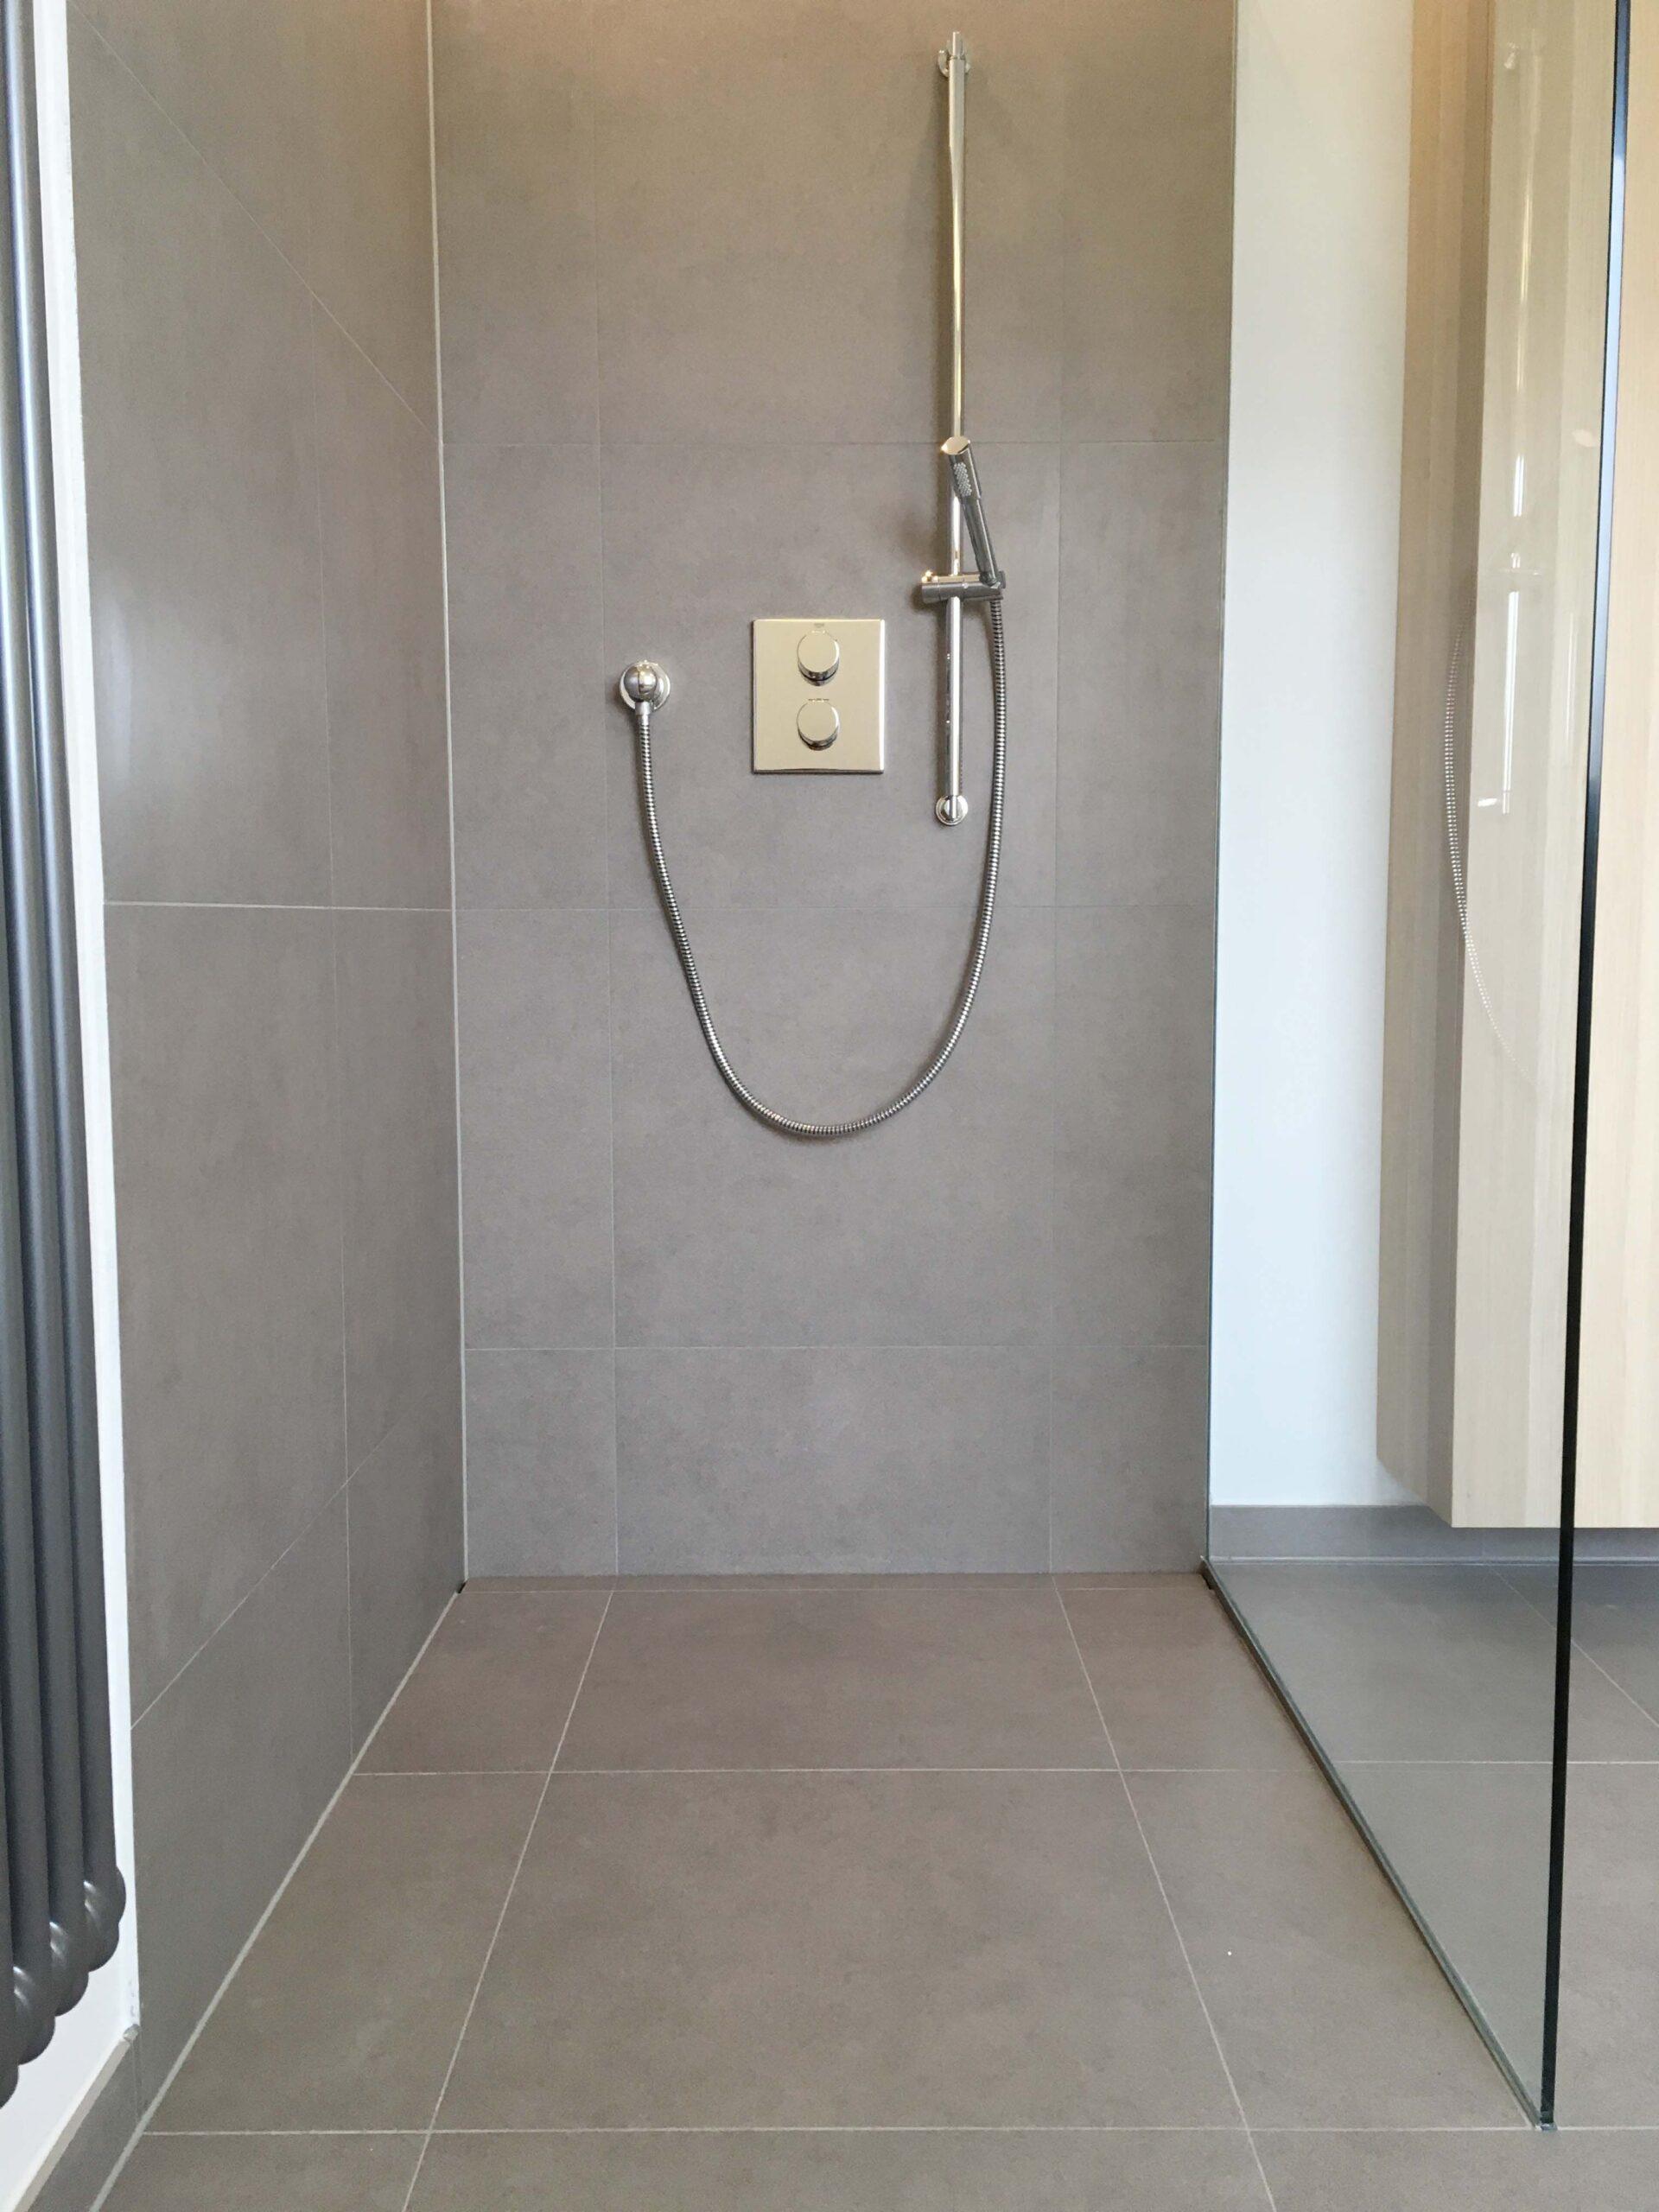 Full Size of Rainshower Dusche Ebenerdig Grau Fliesen Glasabtrennung Nischentür Begehbare Ohne Tür Grohe Thermostat Komplett Set Bidet Bodengleiche Antirutschmatte Dusche Rainshower Dusche